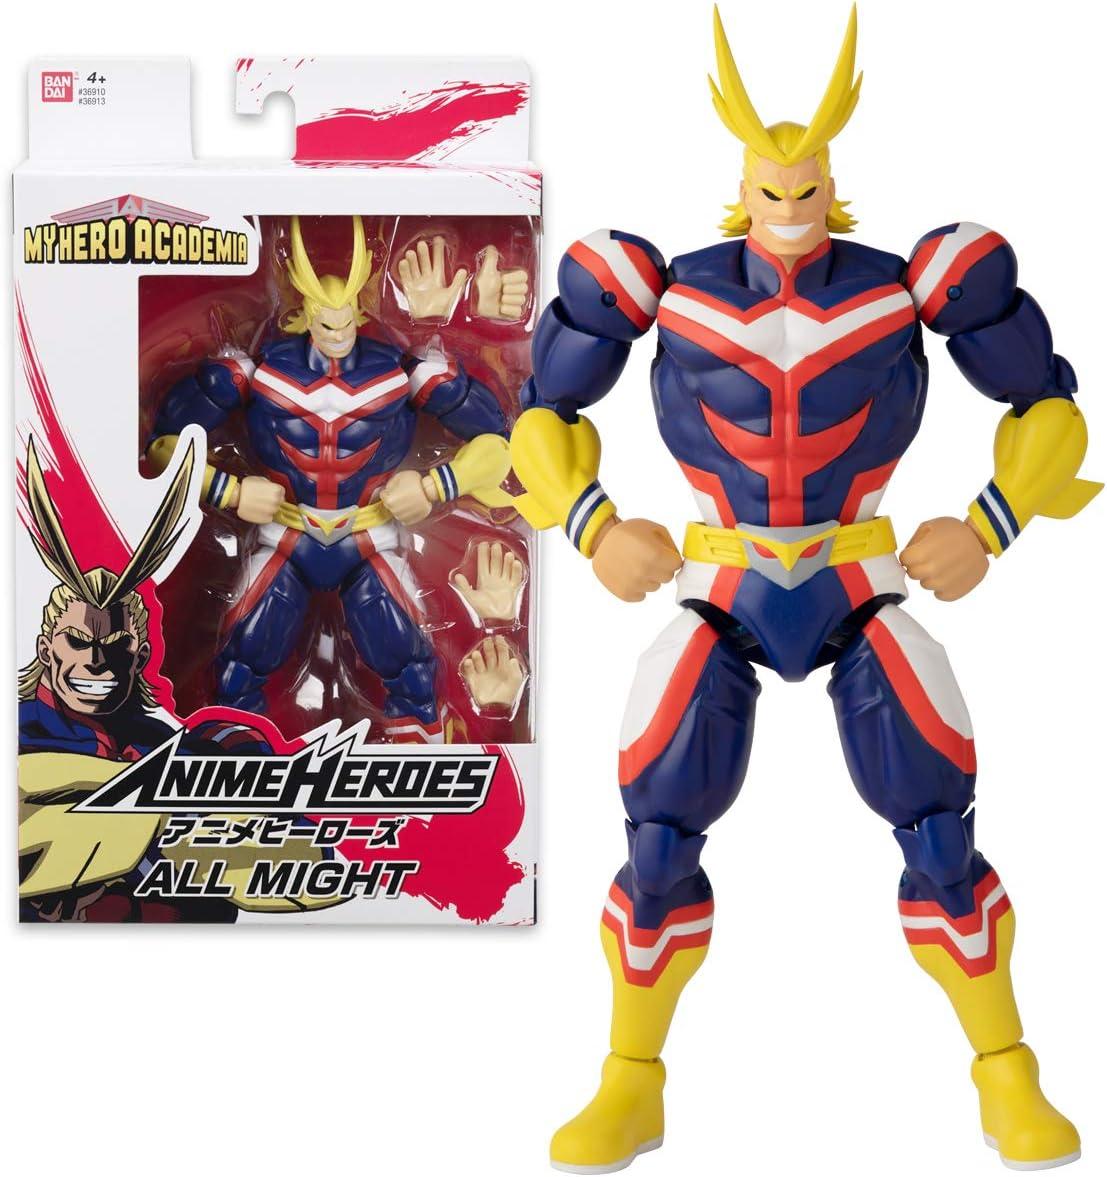 Anime Heroes - ALL MIGHT Figura de acción My Hero Academia (Bandai 36913): Amazon.es: Juguetes y juegos